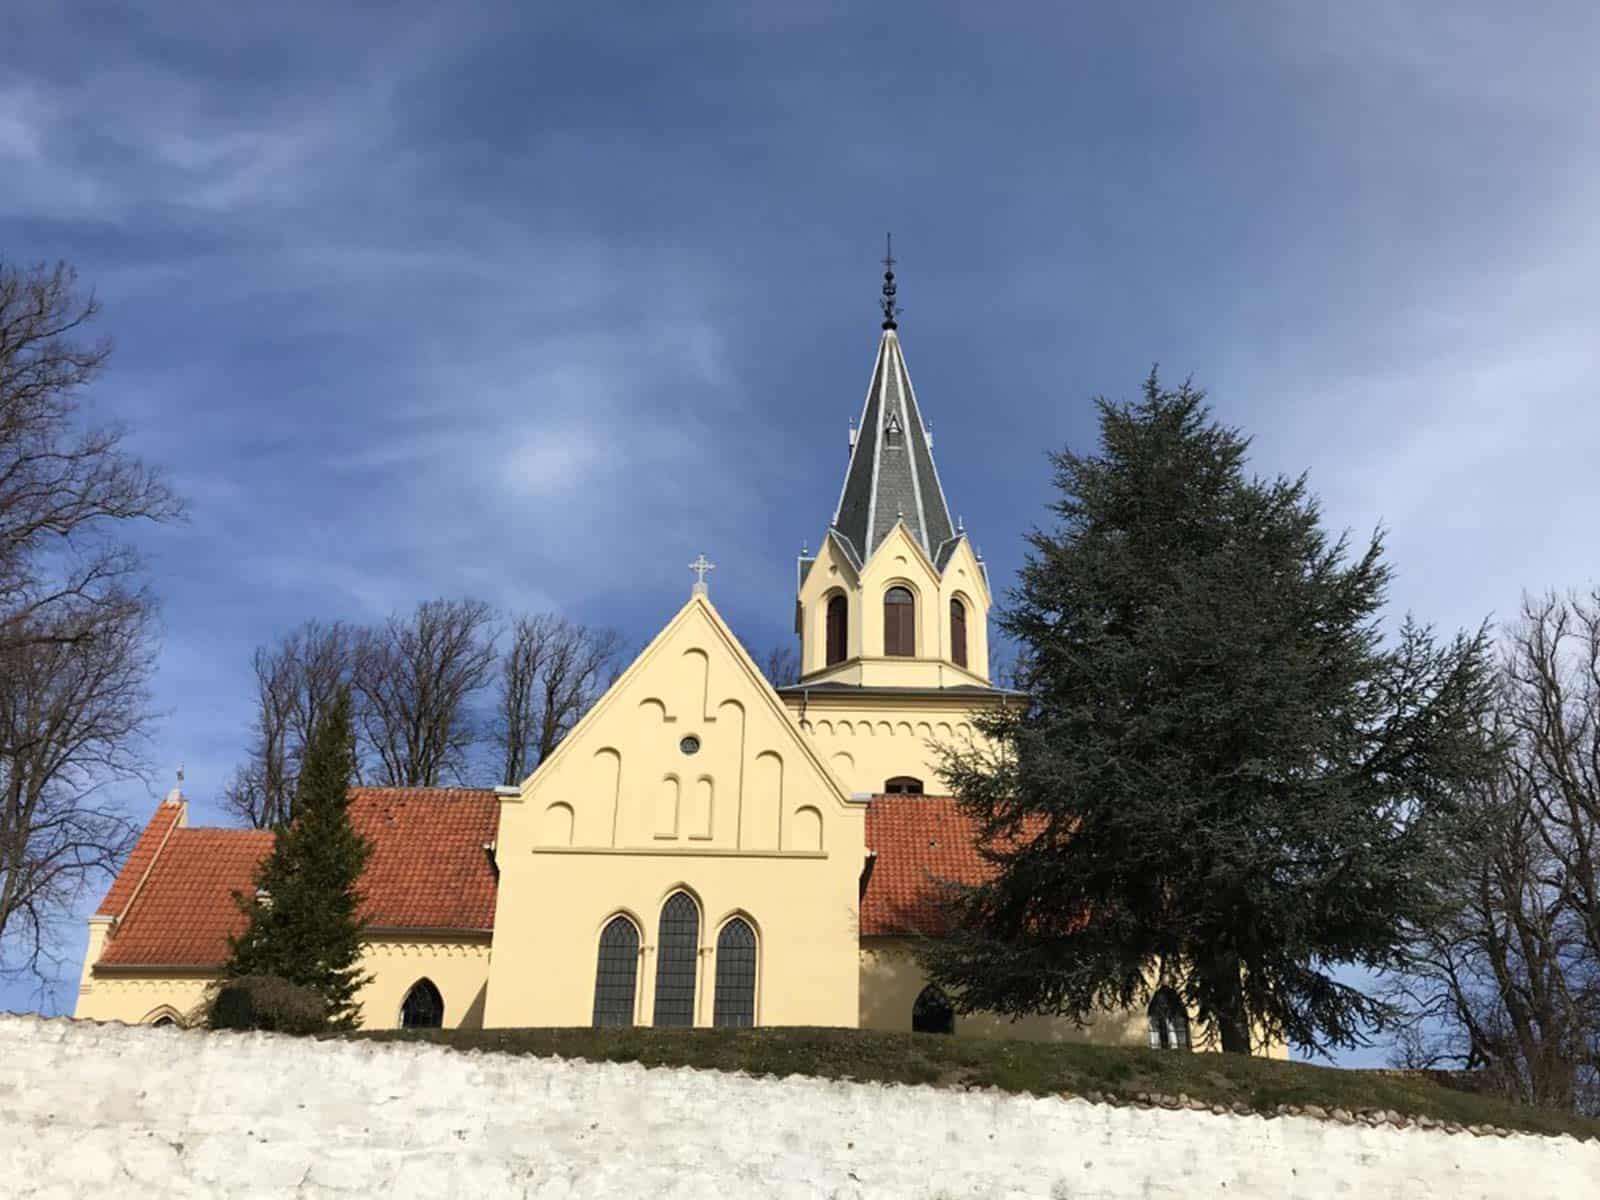 Tranekær Kirke spir